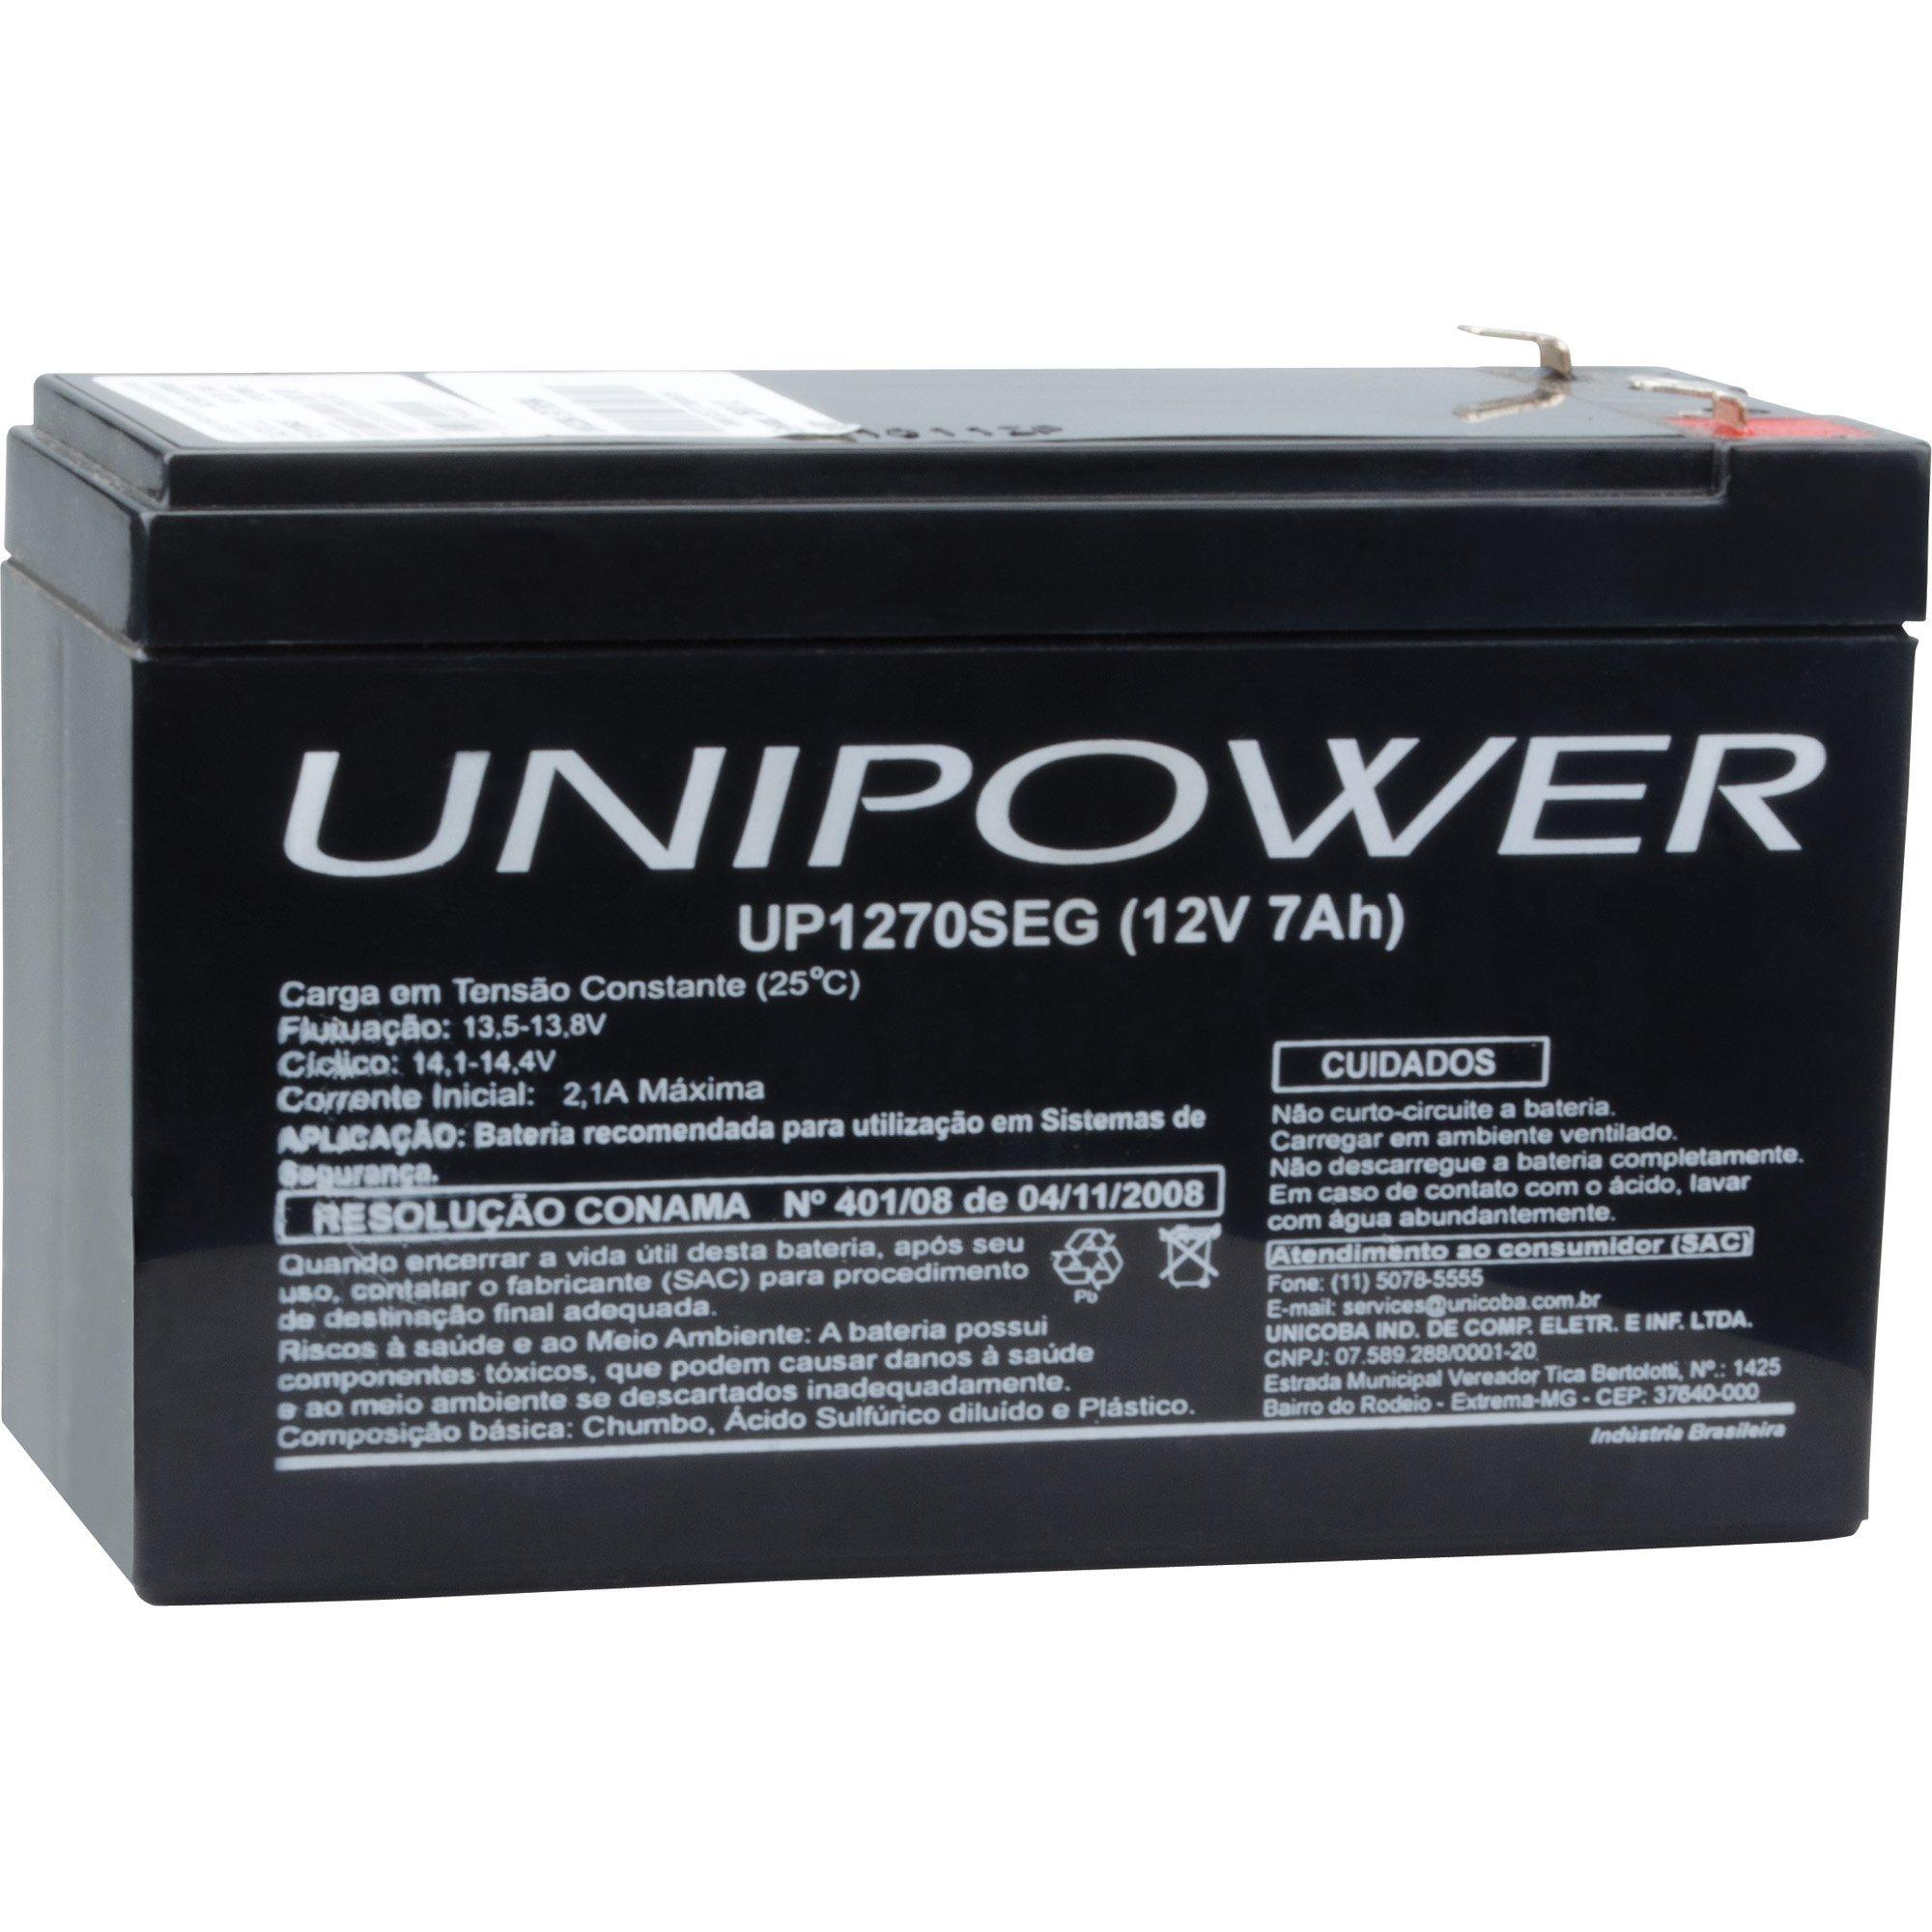 bateria selada especial 63595 unipower rer up1270seg 12v 7a 45015 2000 193281